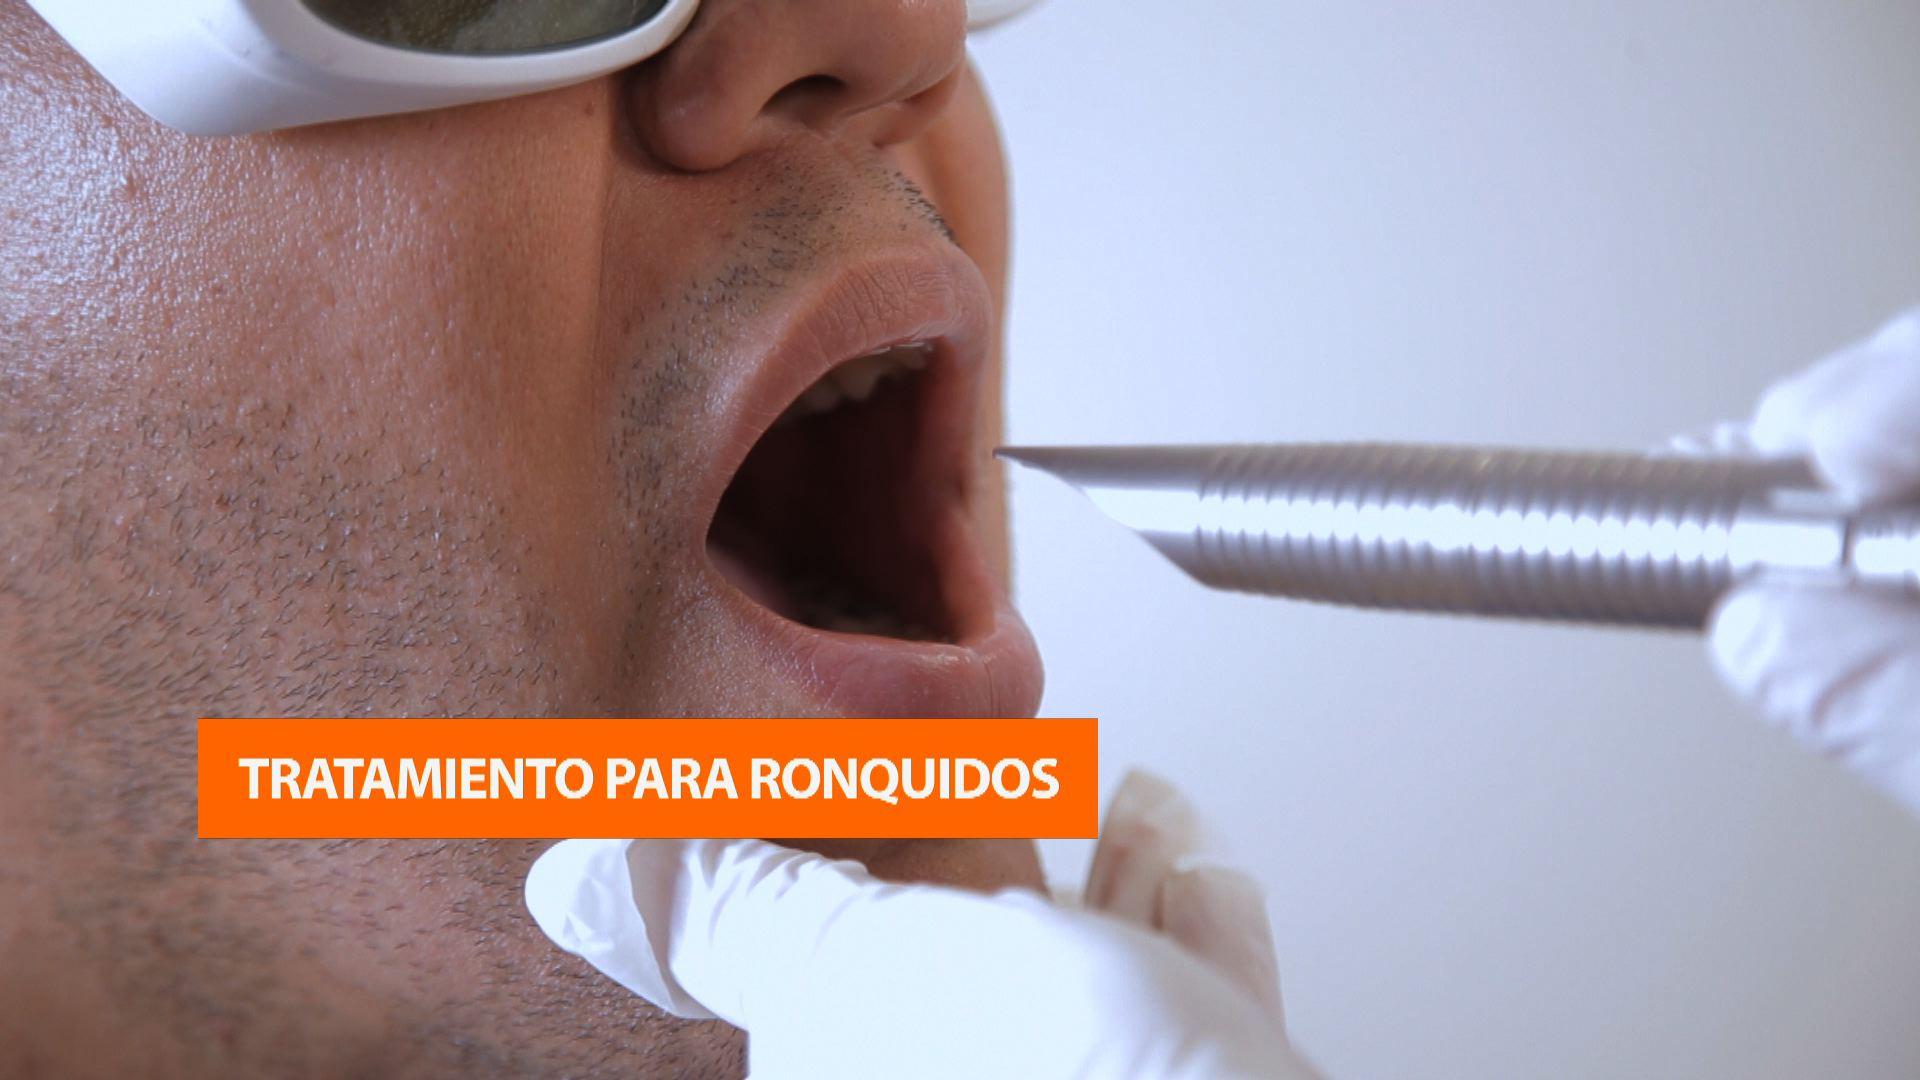 Tratamiento Para Ronquidos